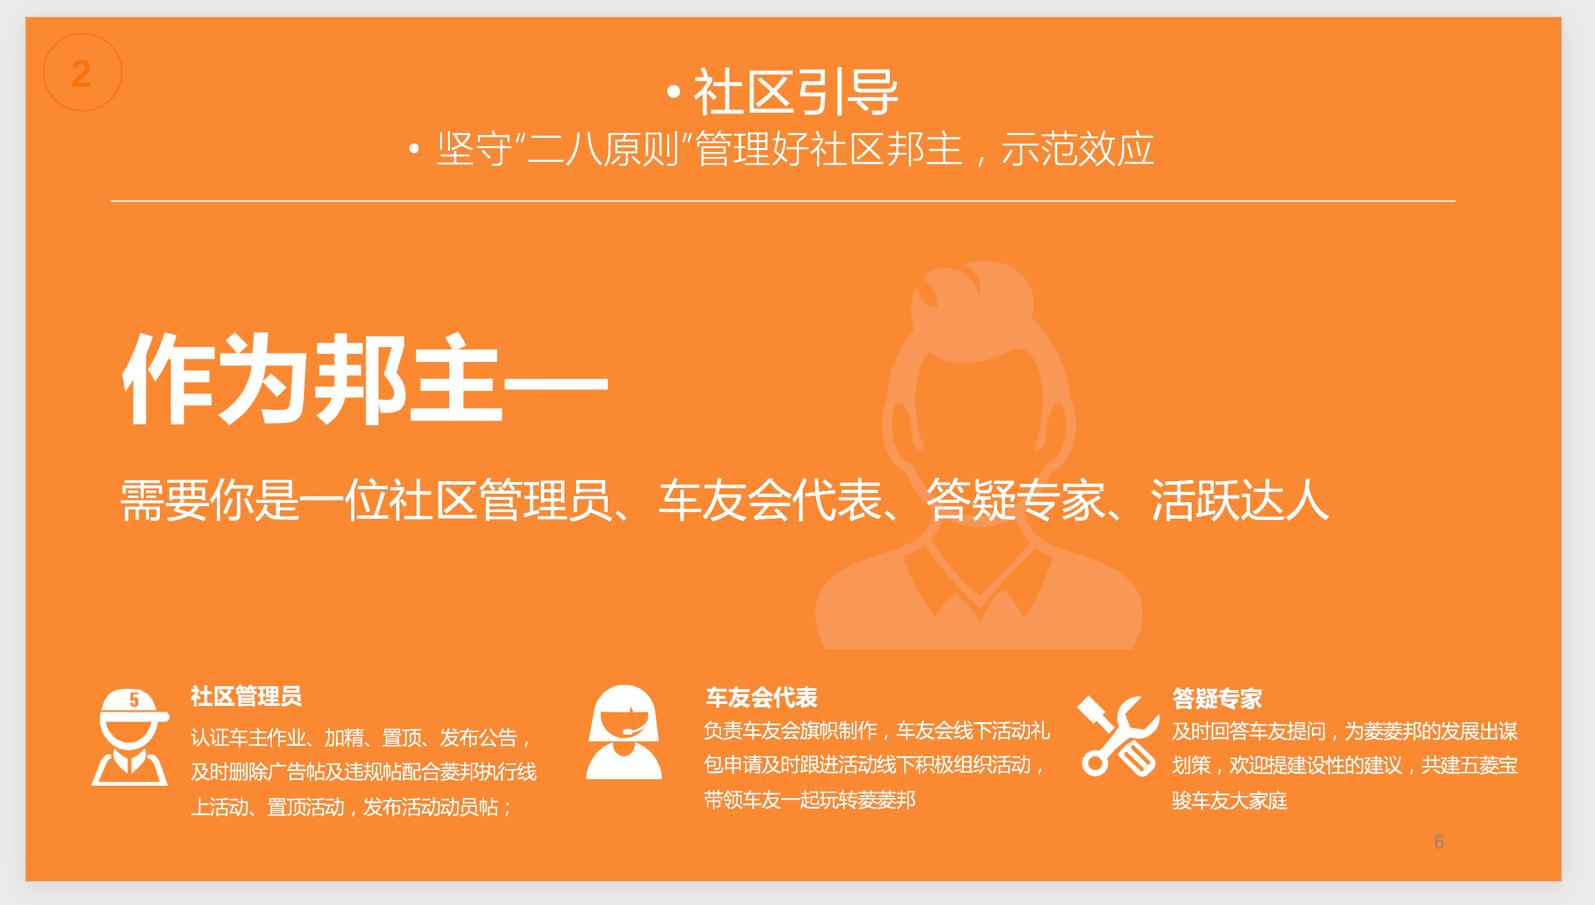 鸟哥笔记,用户运营,何杰,用户运营,用户增长,冷启动